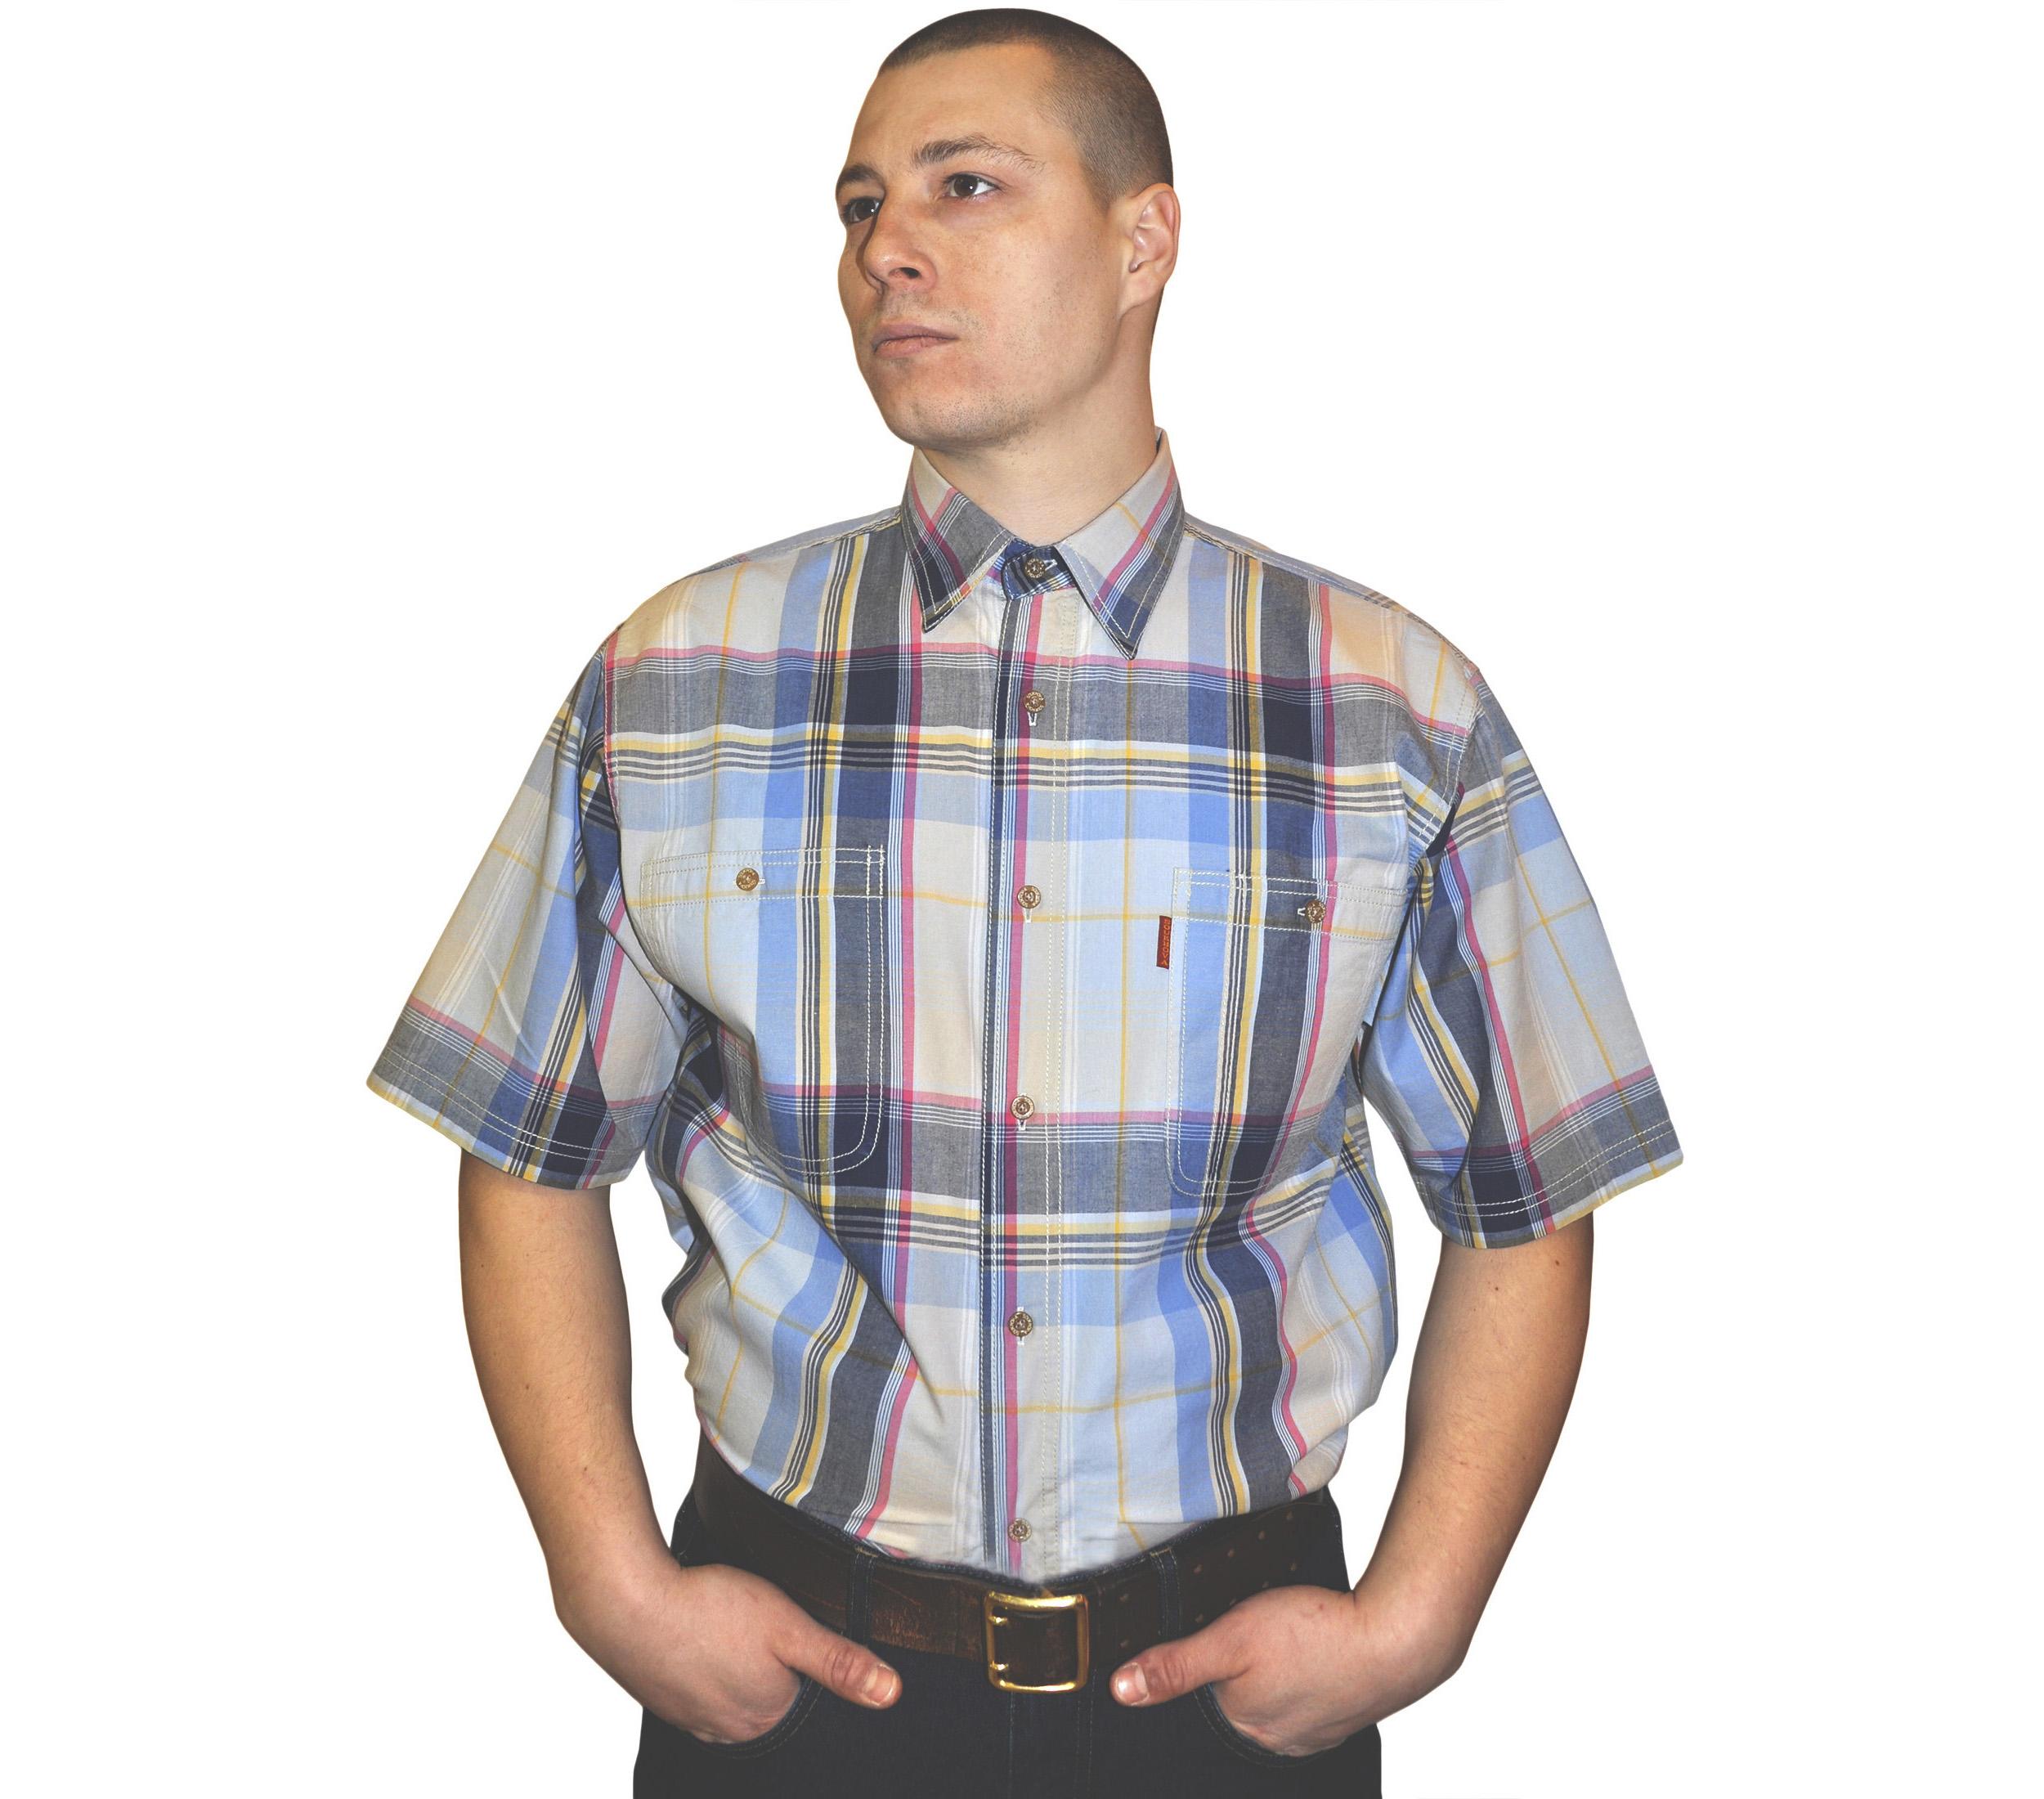 Мужская рубашка в крупную сине-желто-красную клетку с серо-синей полосой